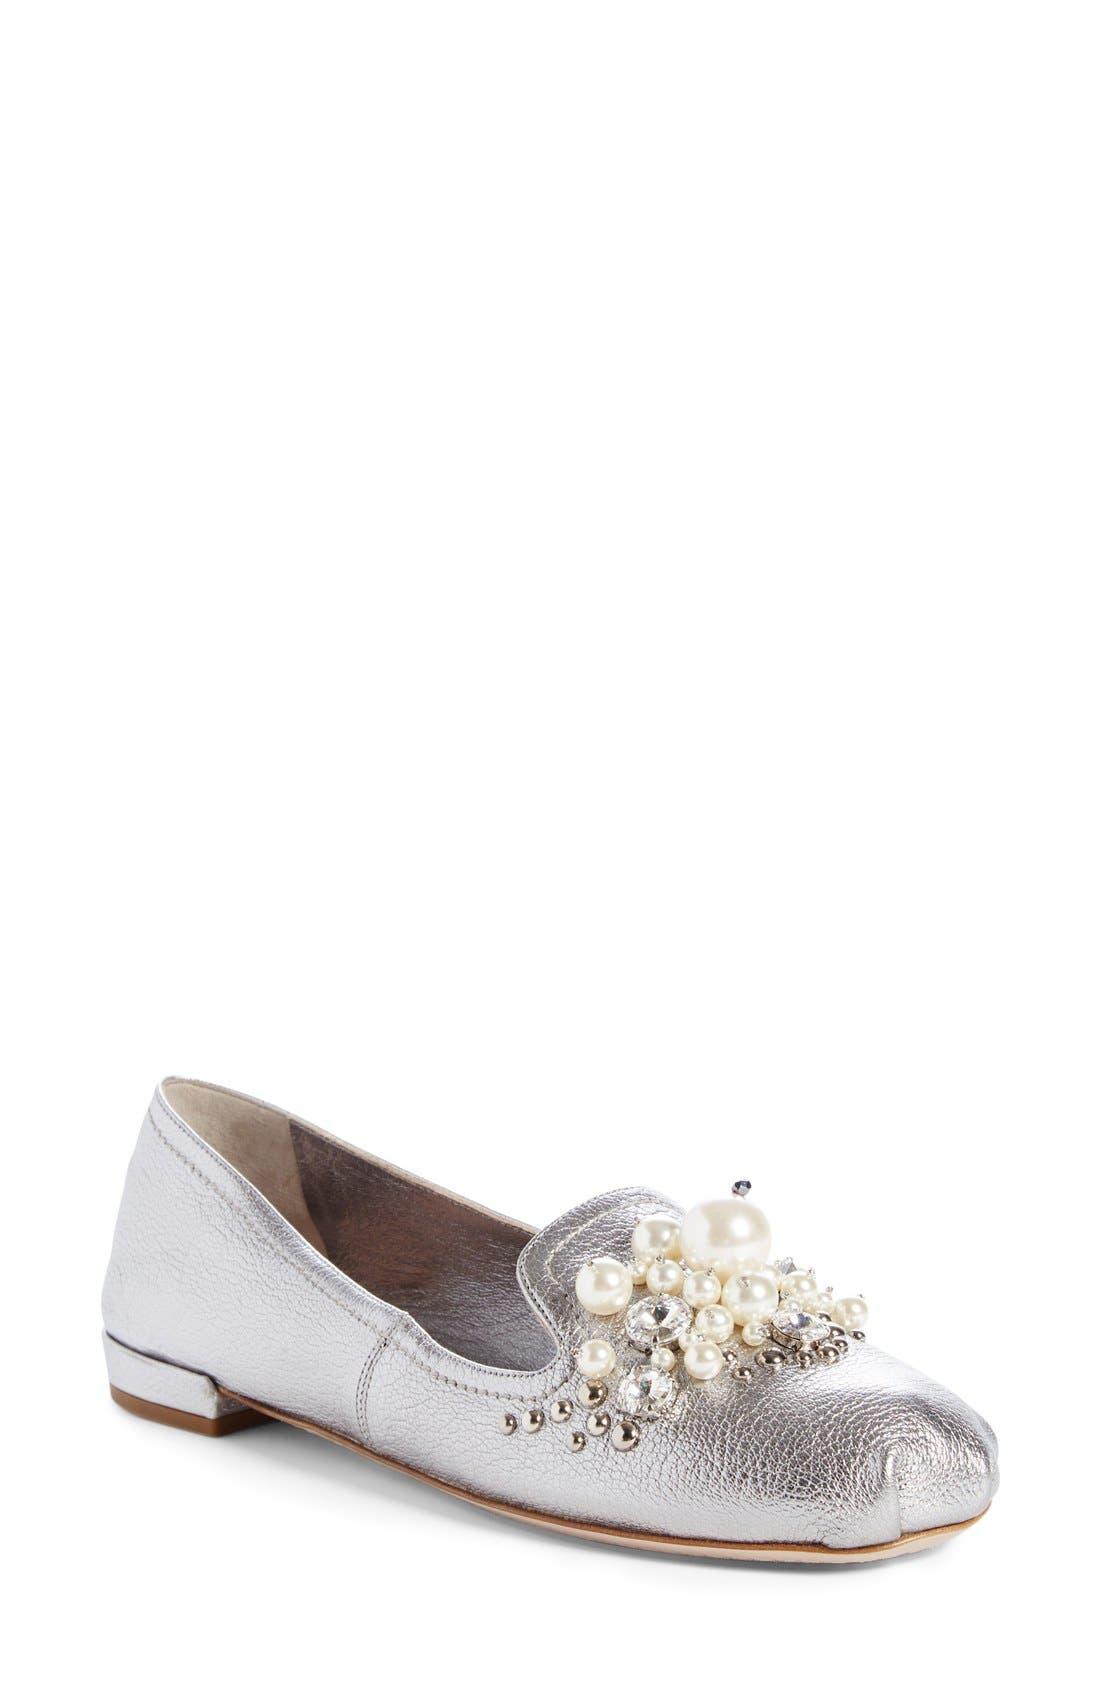 Miu Miu Embellished Loafer (Women)